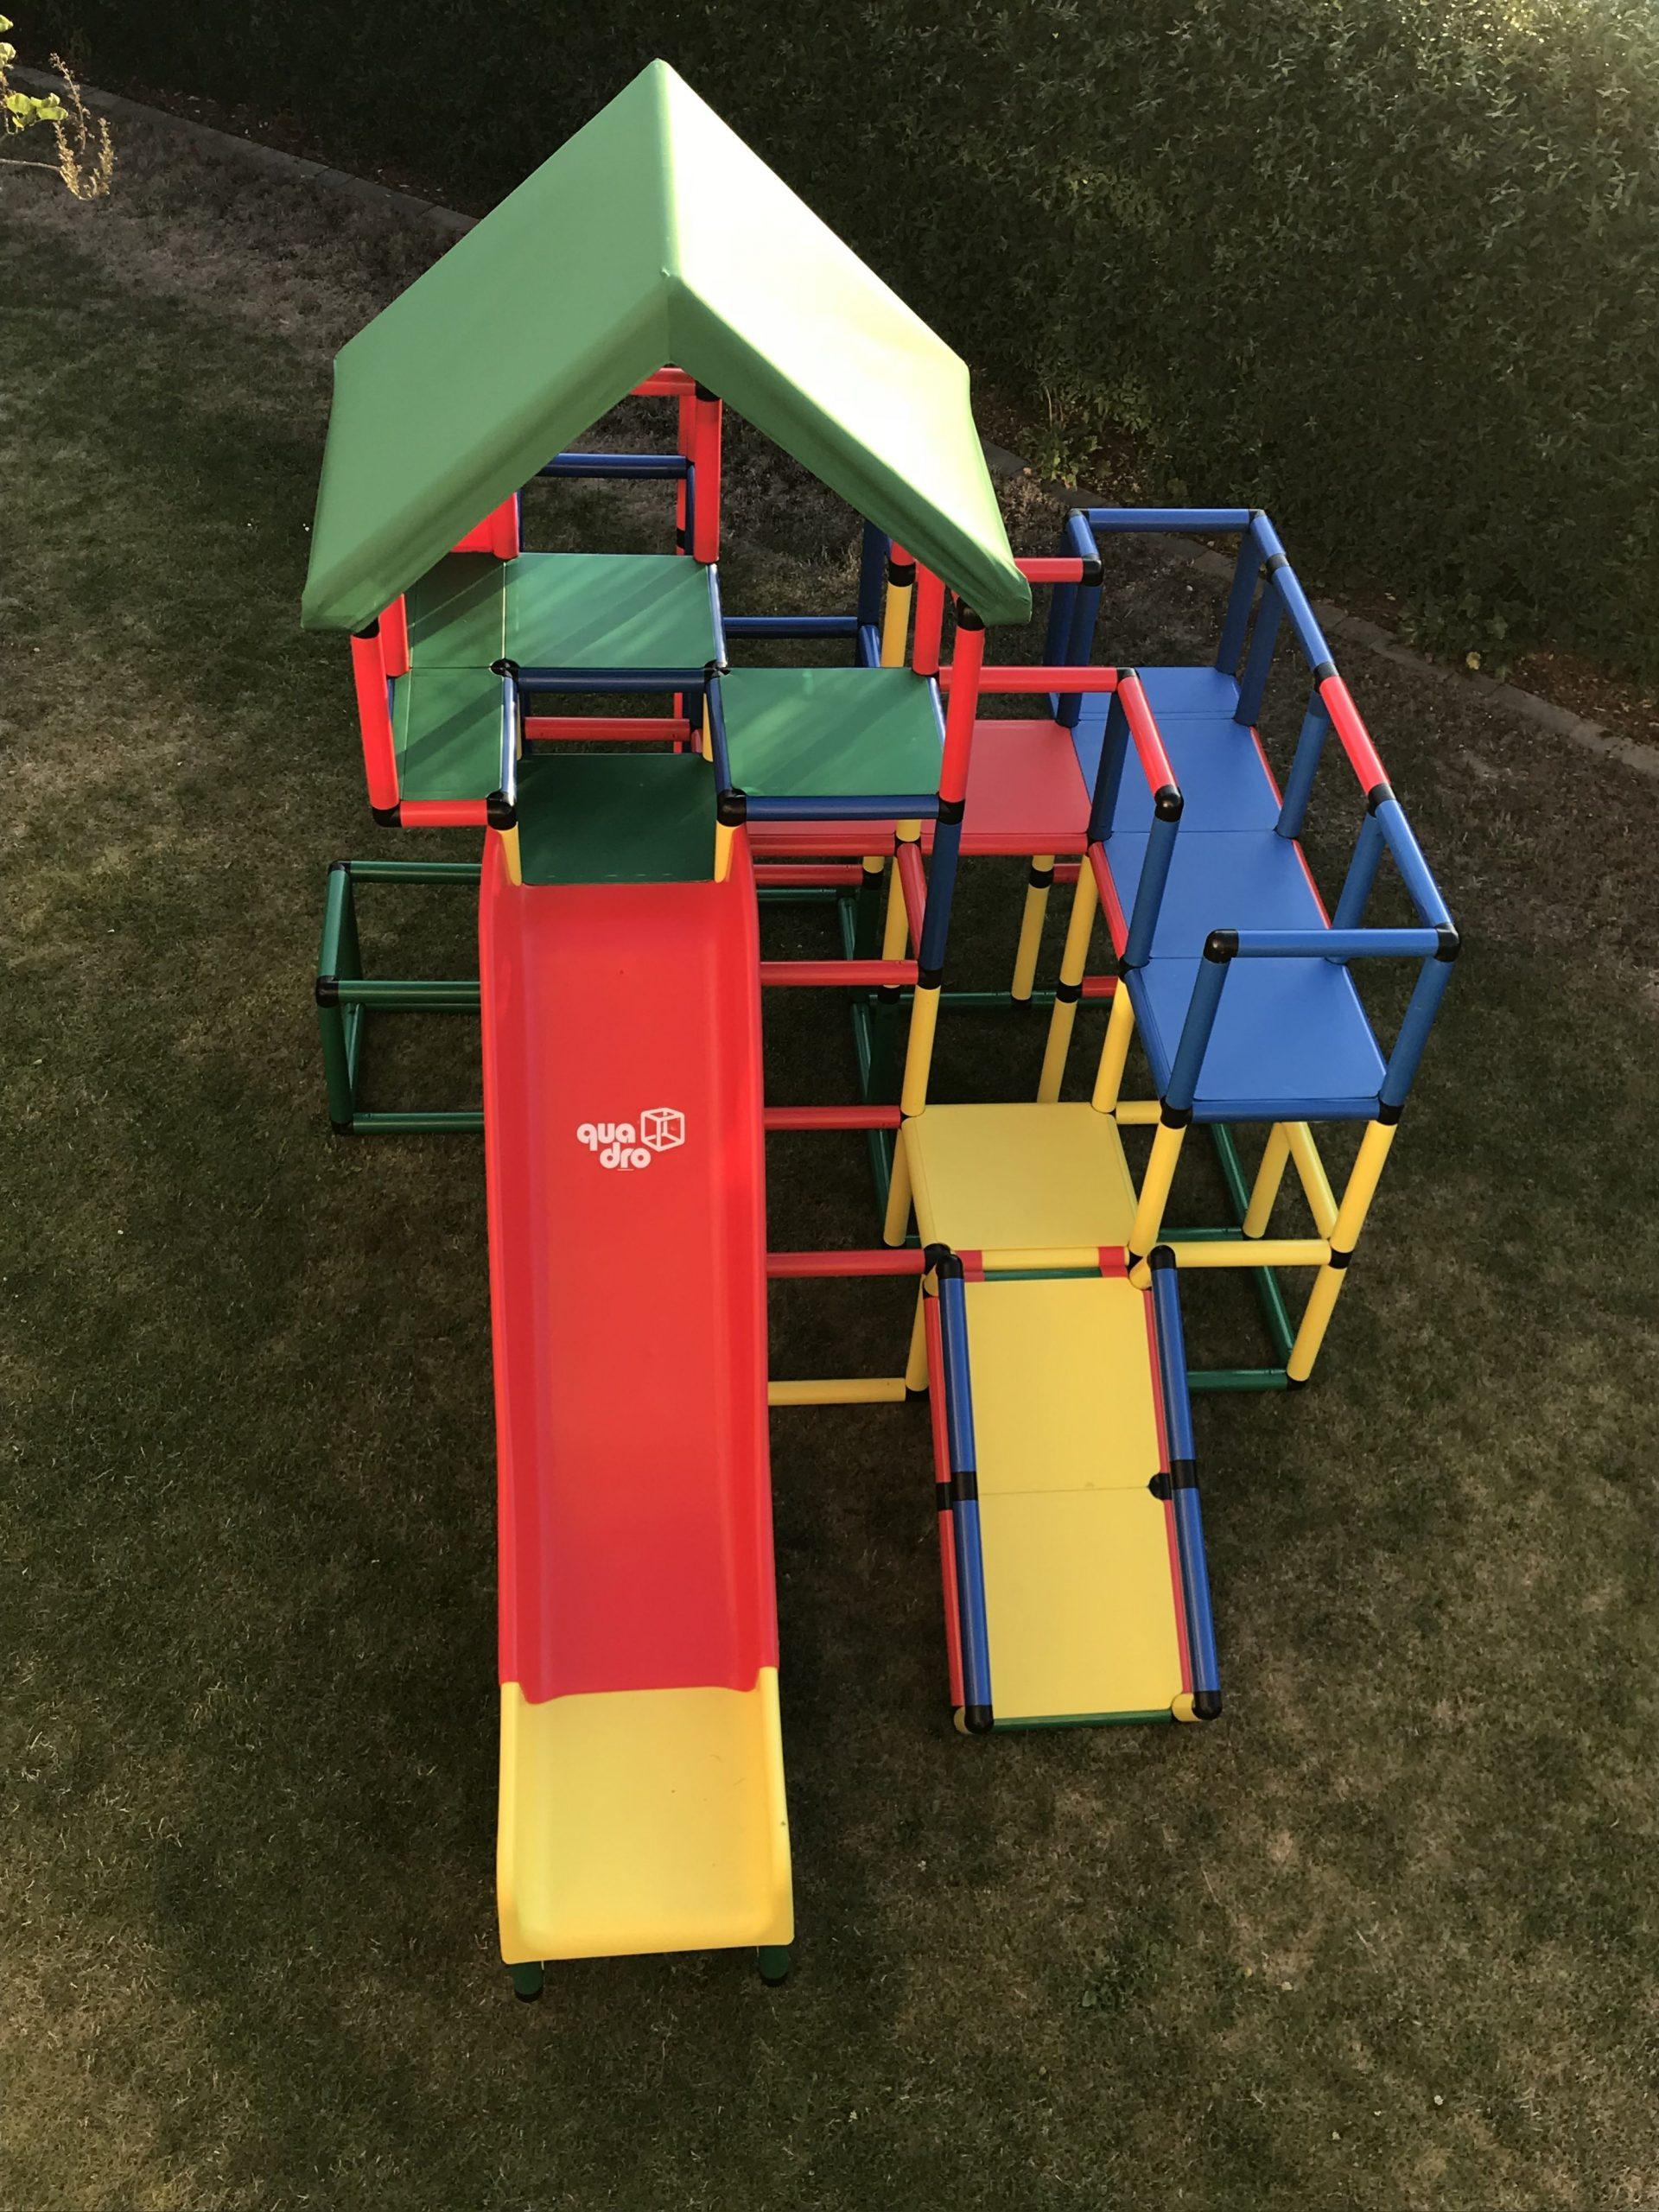 Full Size of Quadro Klettergerüst Unser Klettergerst Mit Zwei Rutschen Garten Wohnzimmer Quadro Klettergerüst